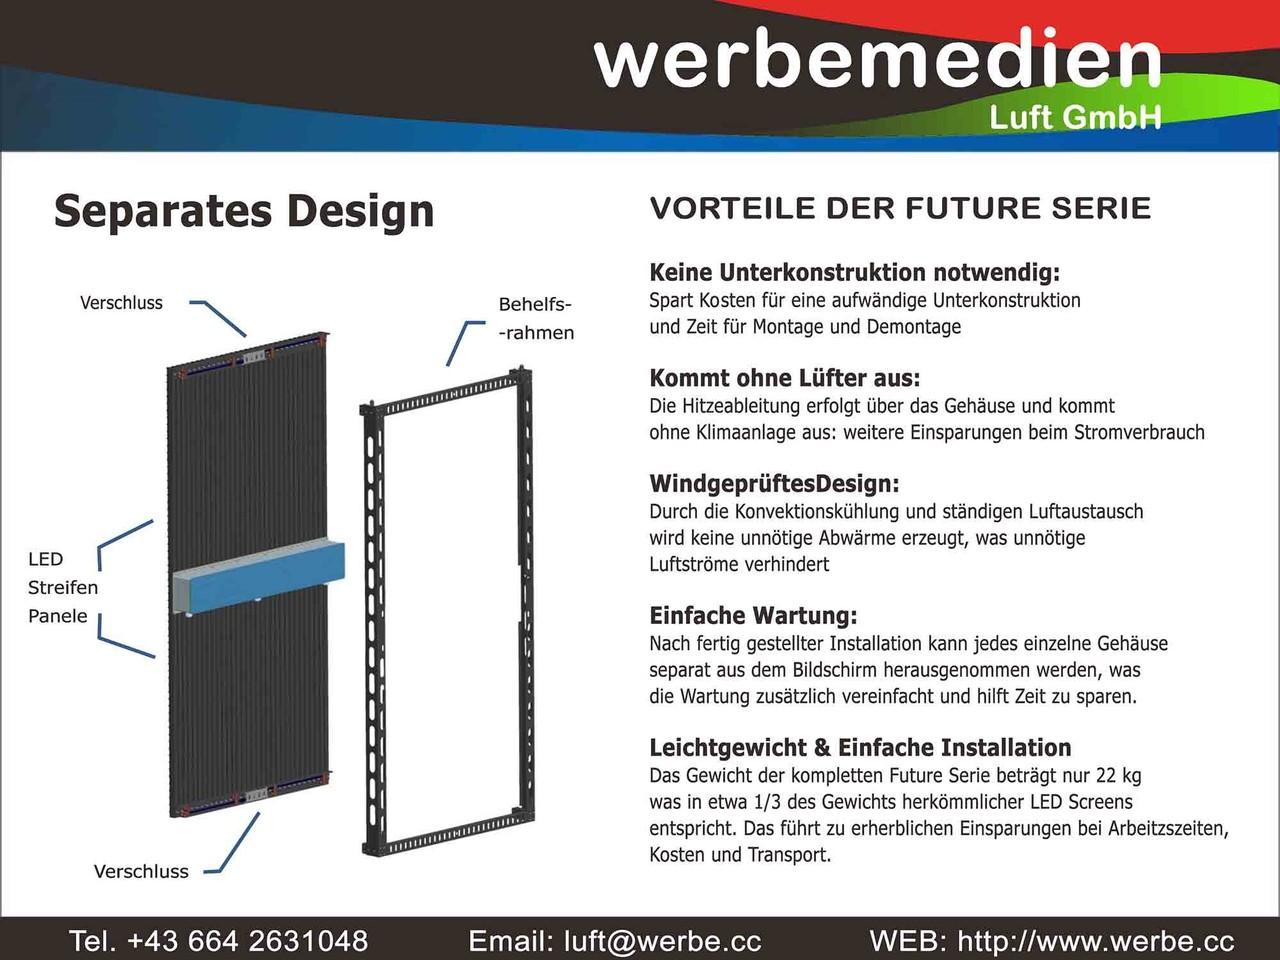 LED Future Vorhang mit separatem Behelfsrahmen spart Kosten bei der Montage